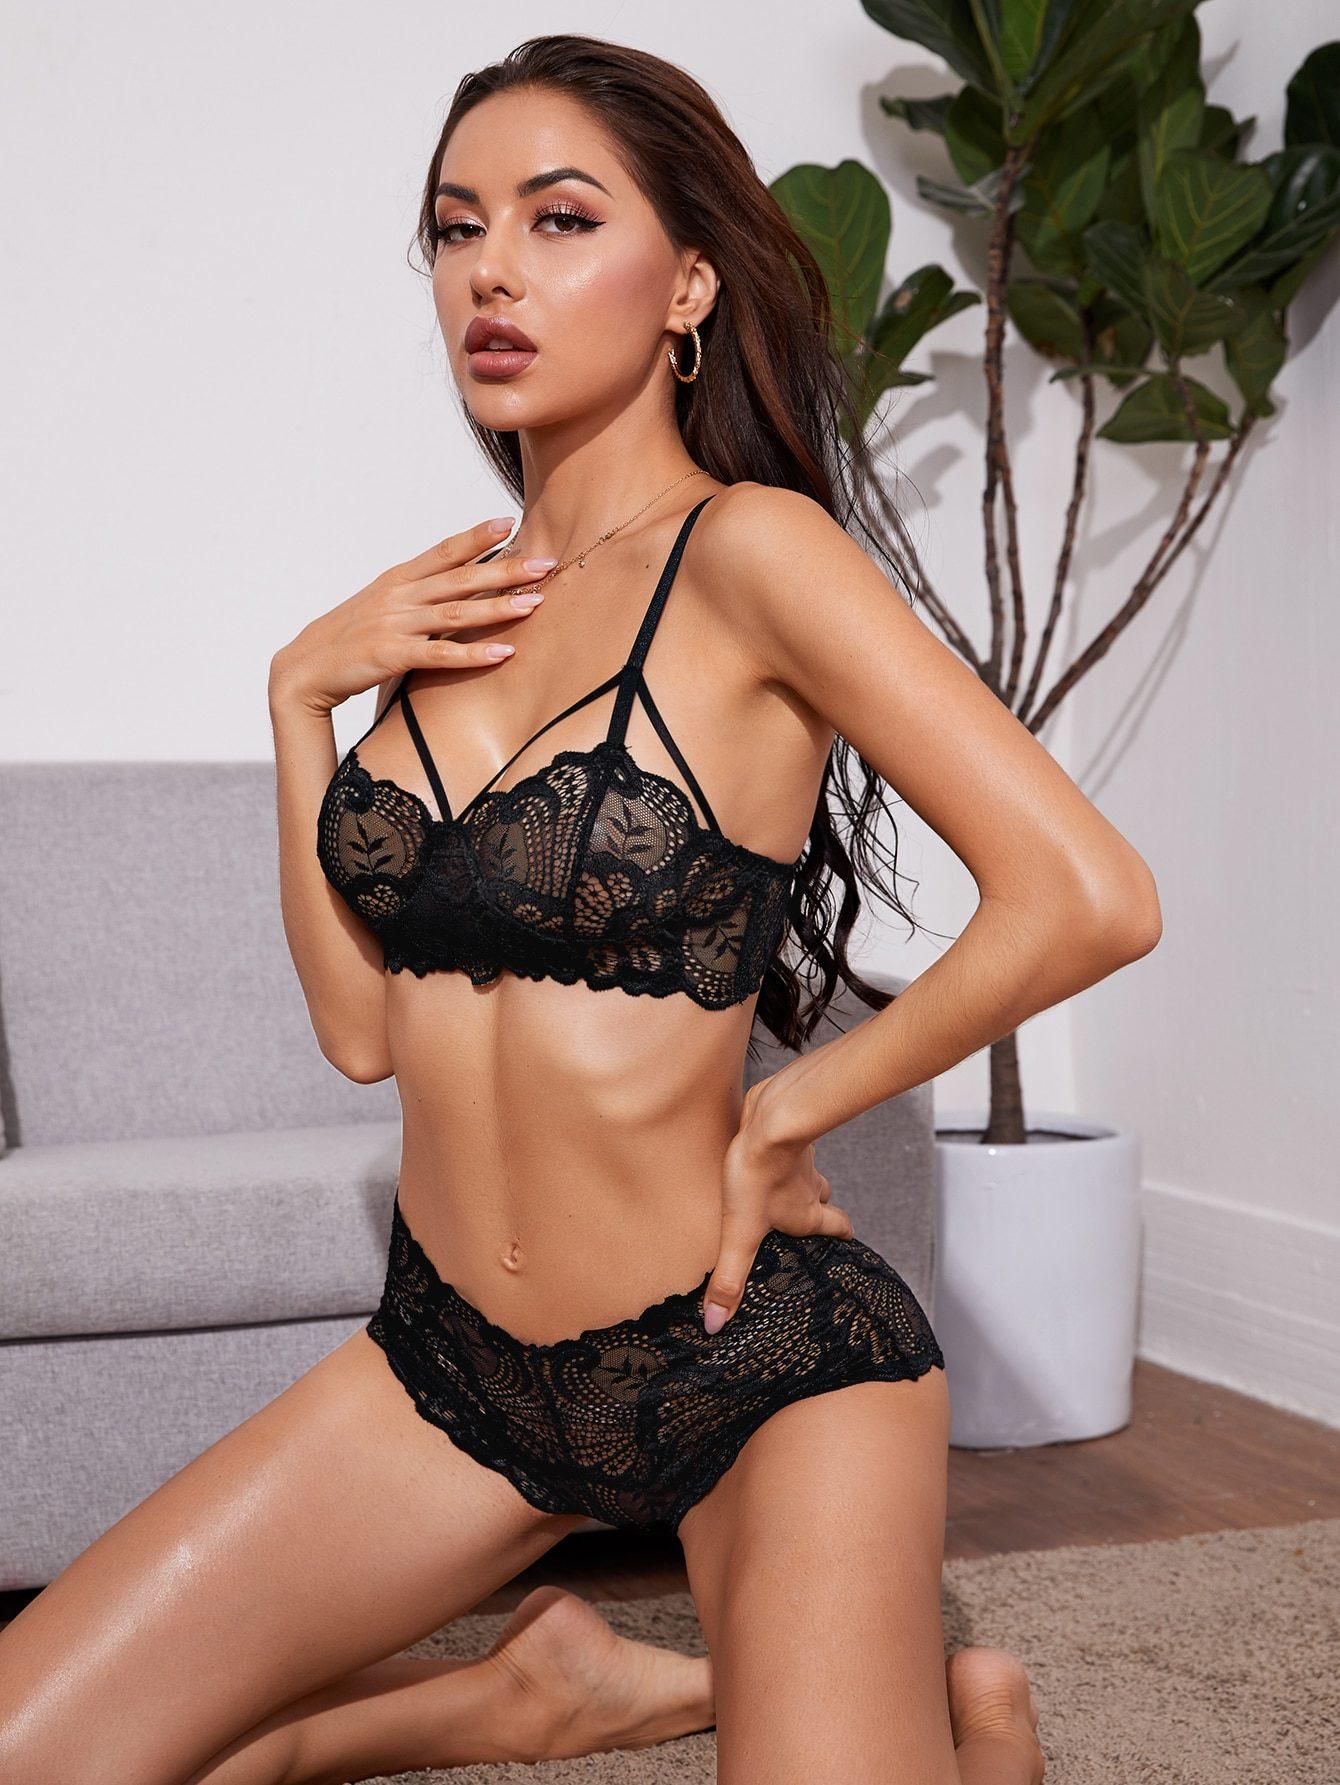 Hot Sexy Ladies Pics